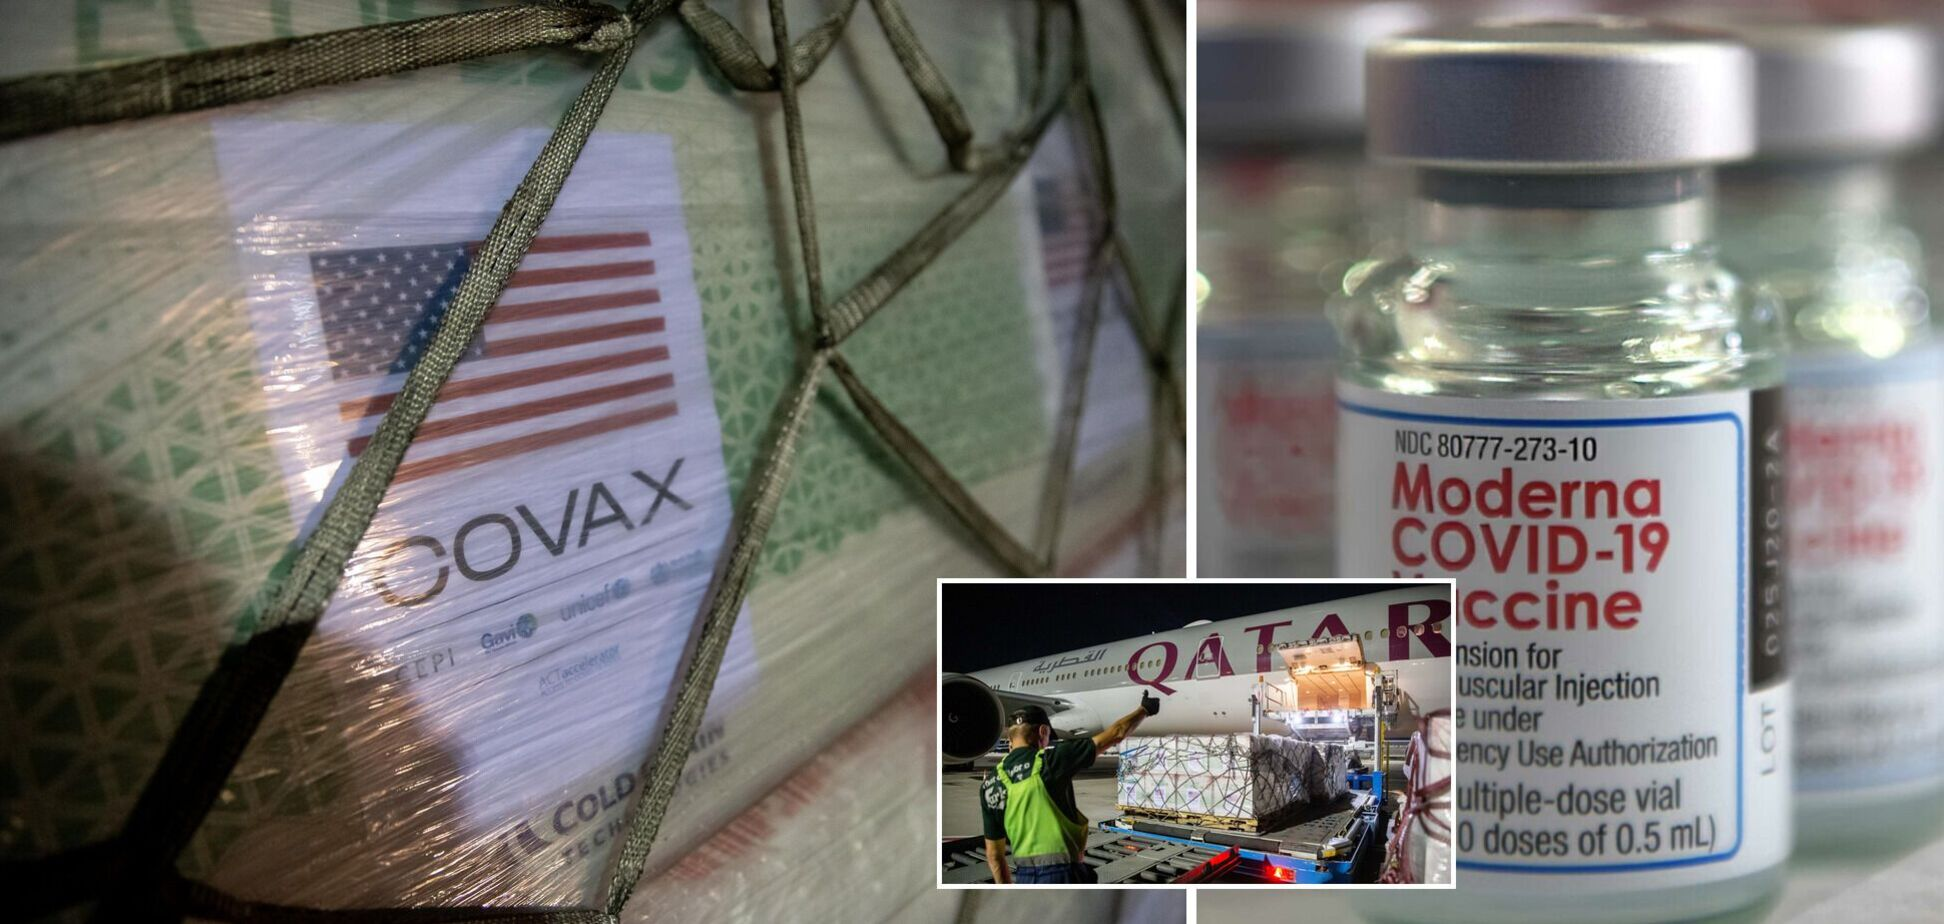 В Україну доставили понад 2 млн доз вакцини від коронавірусу Moderna. Фото і відео